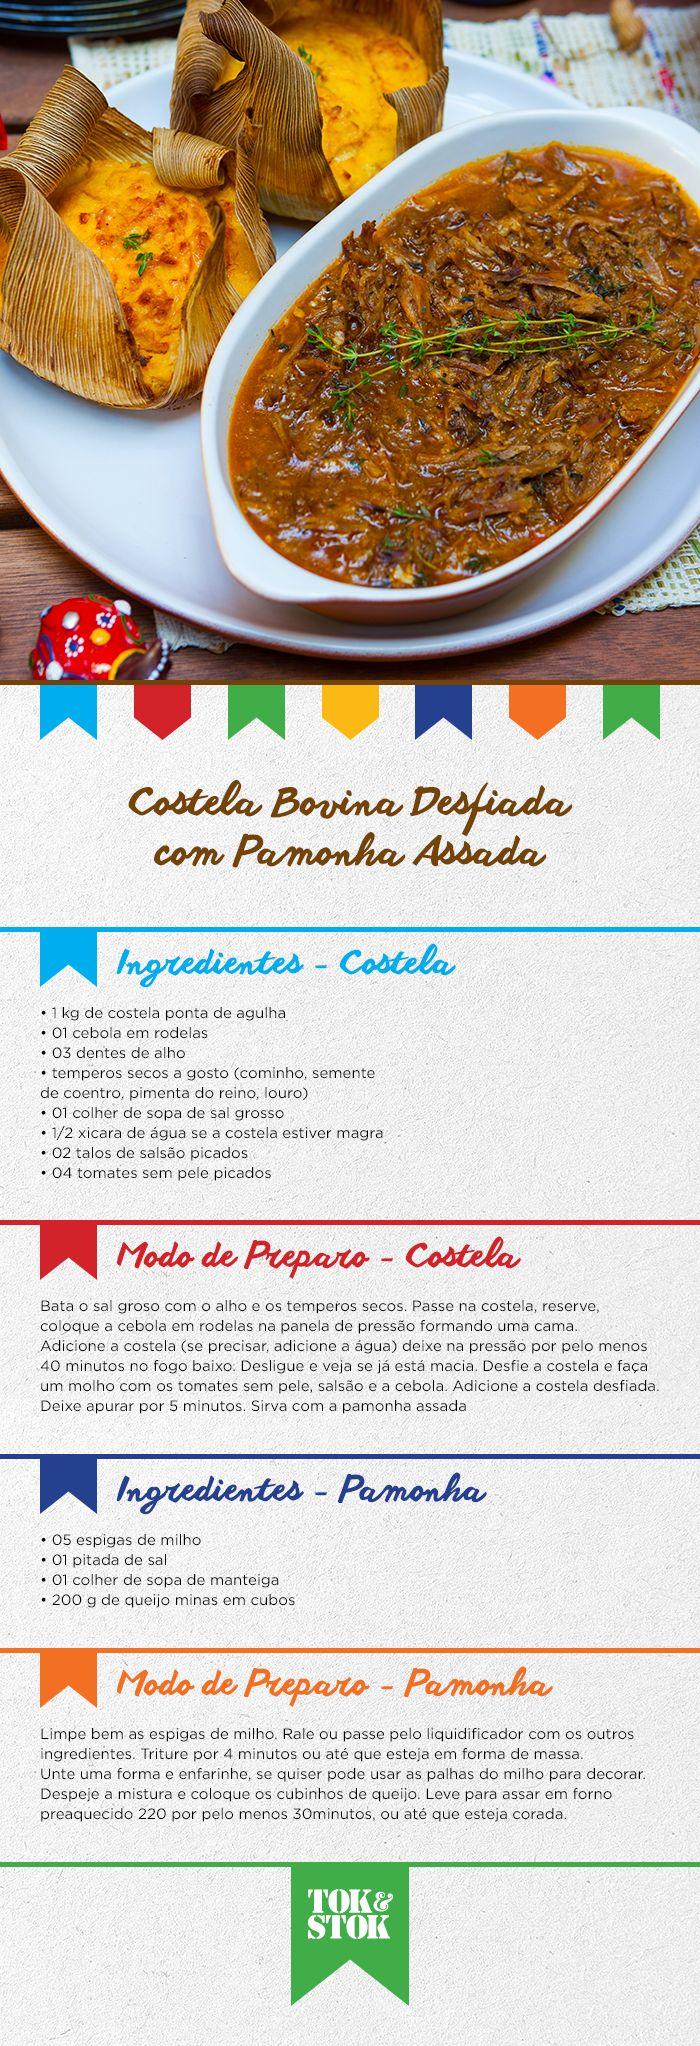 O prato do dia: Costela Bovina Desfiada com Pamonha assada. Servidos? #SãoJoão #FestaDasCores   Receita do restaurante Arimbá http://www.arimbarestaurante.com.br/